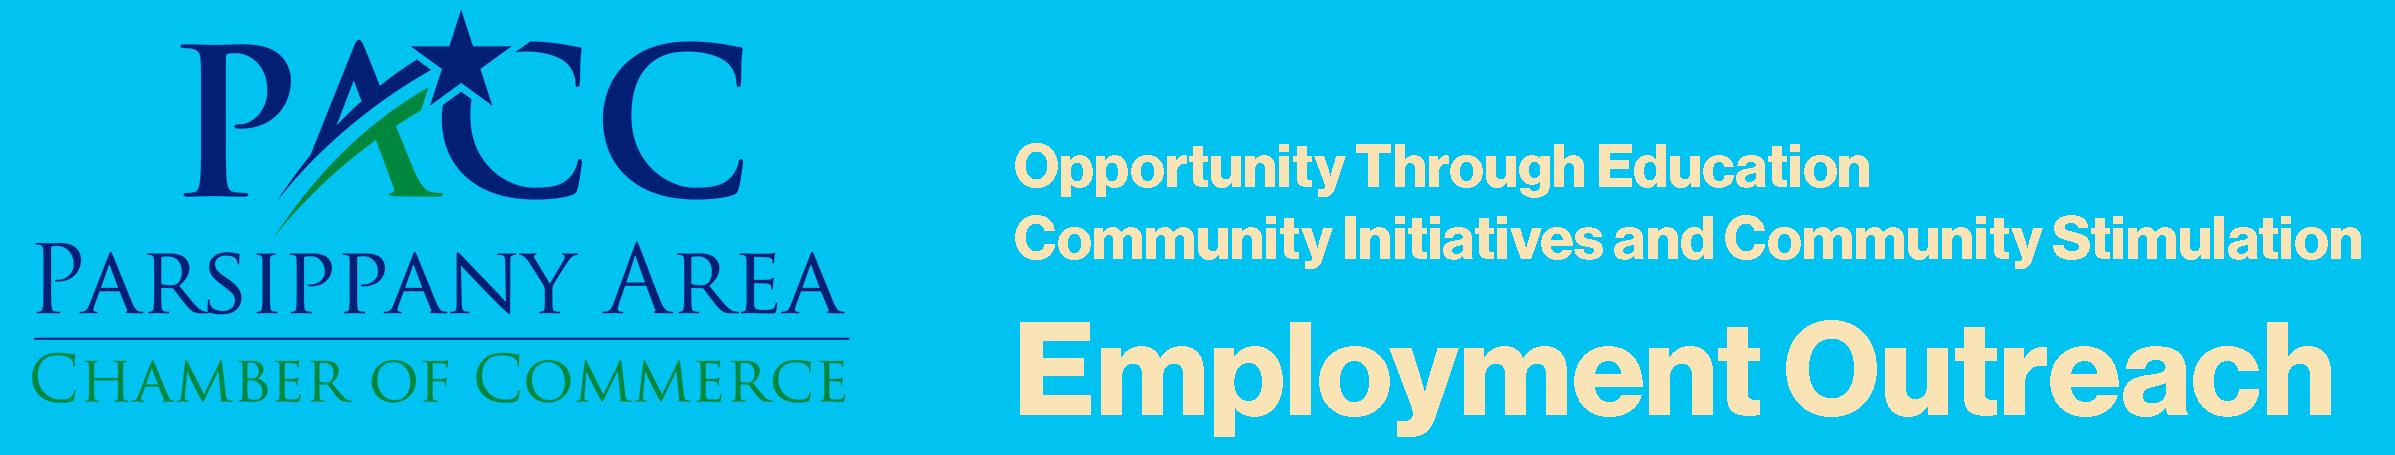 Employment Outreach